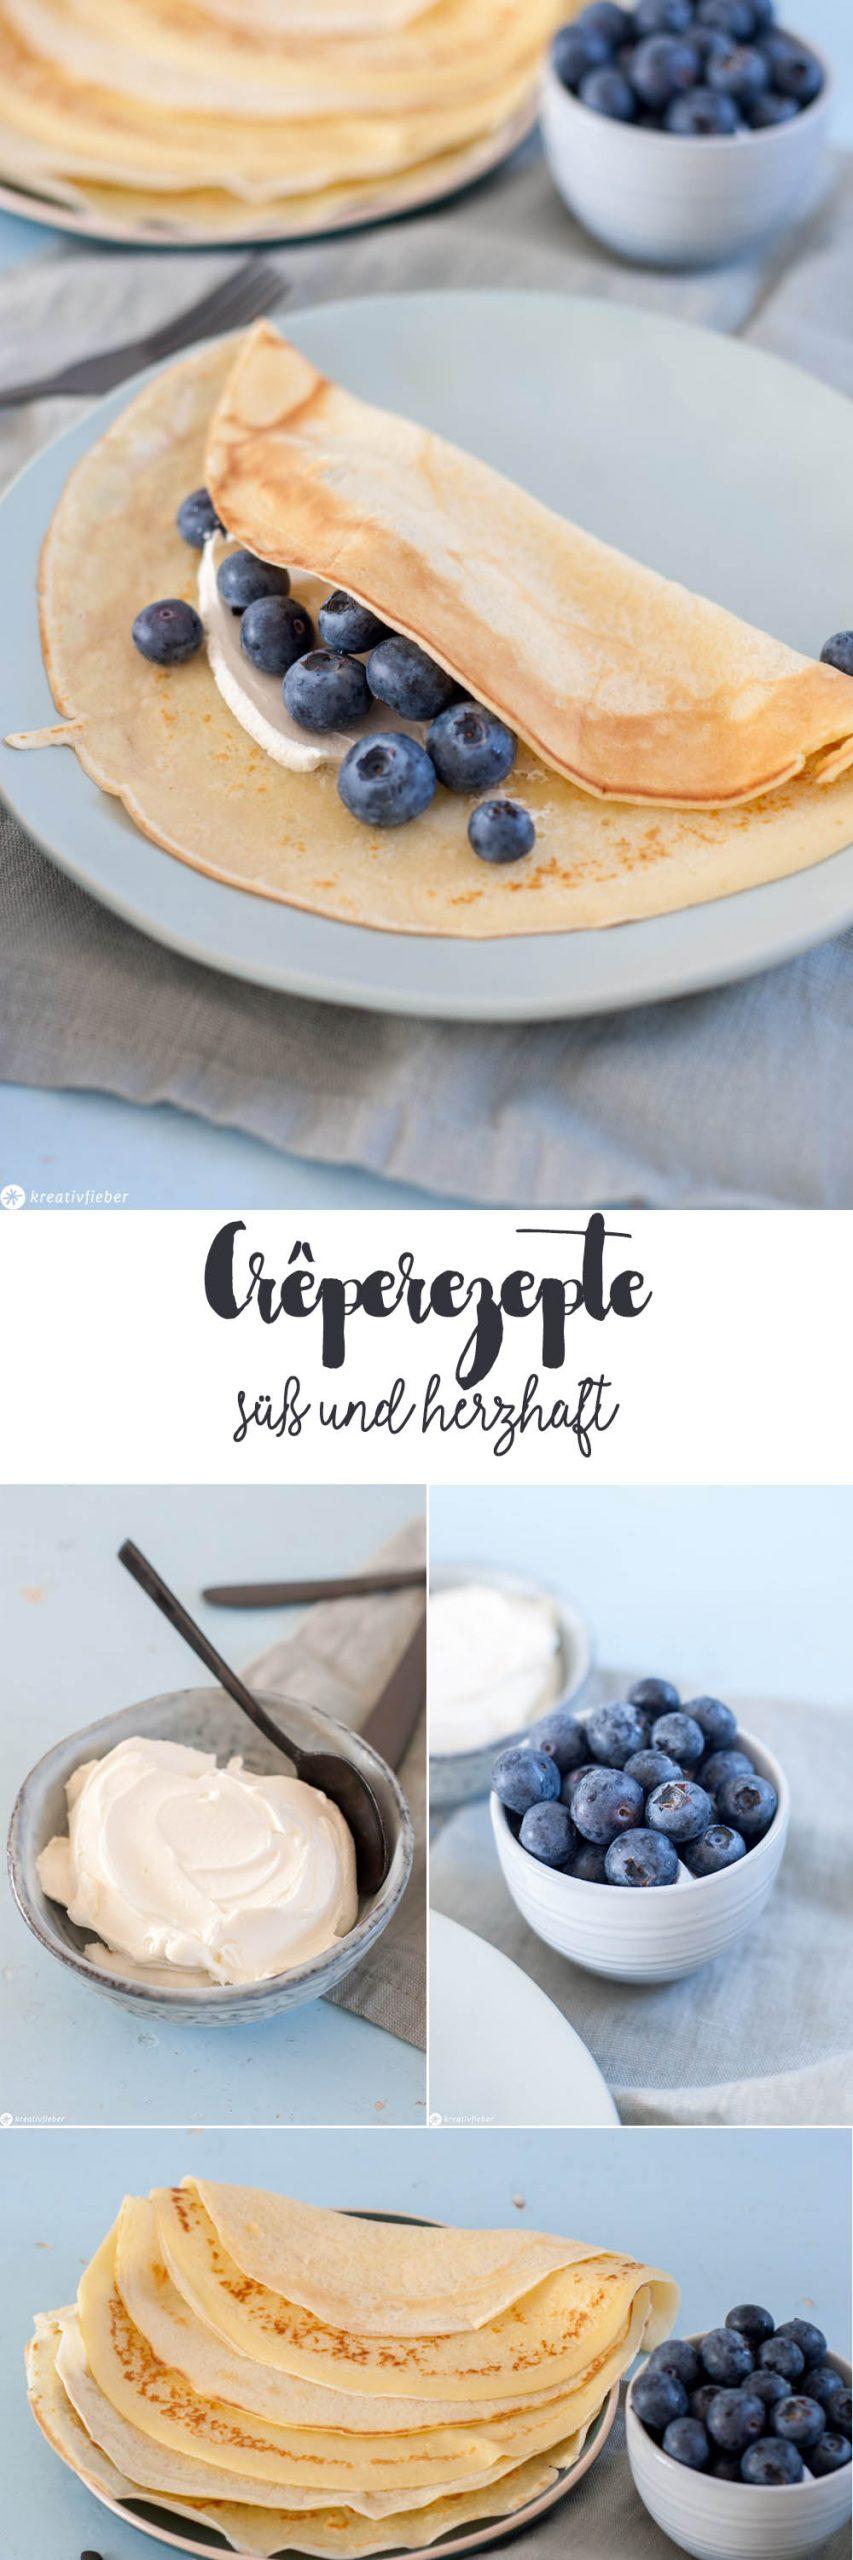 Süße und herzhafte Crepeideen Blaubeeren Mascarpone